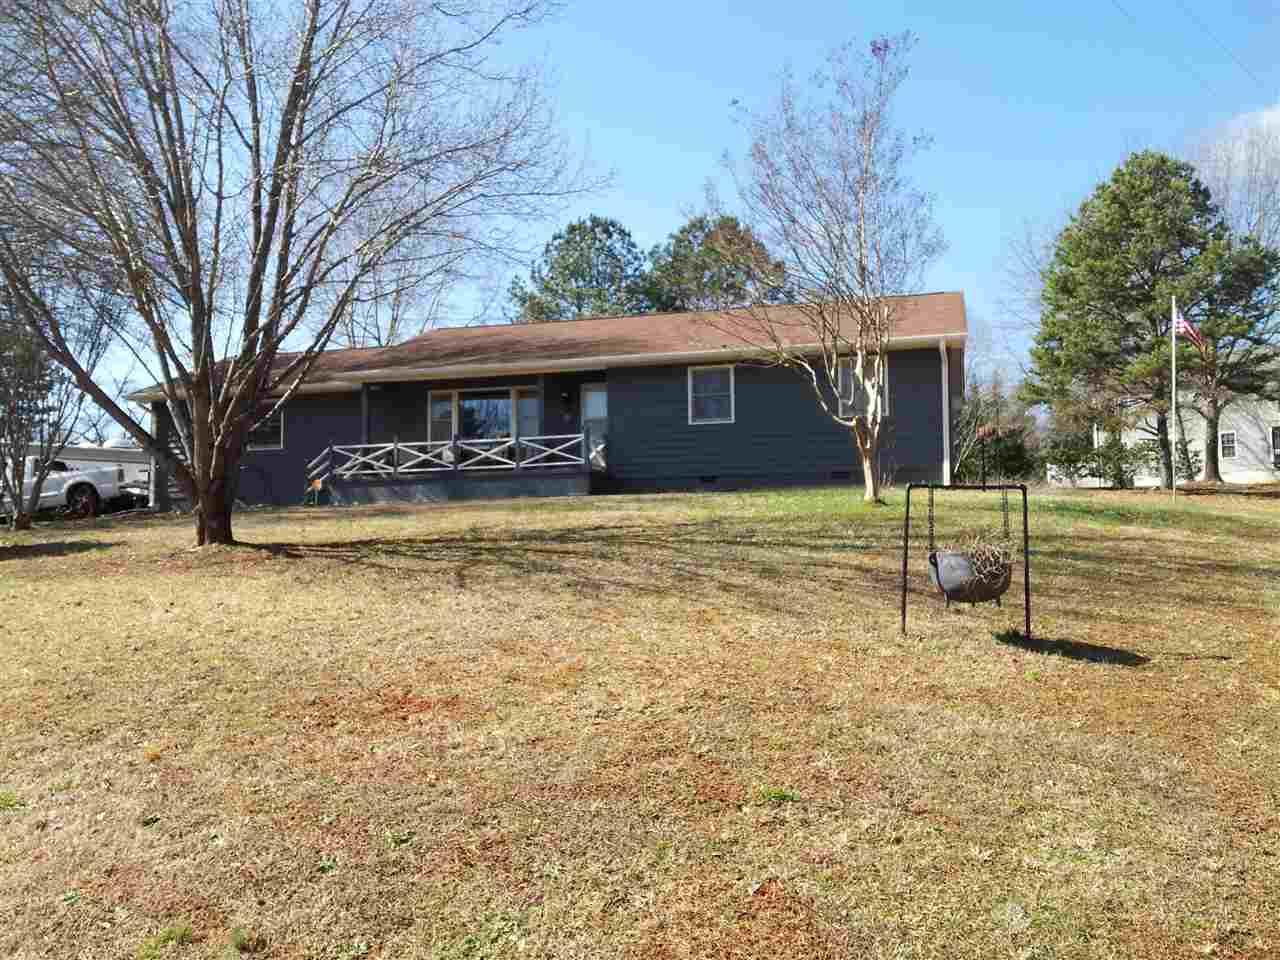 Real Estate for Sale, ListingId: 37256833, West Union,SC29696